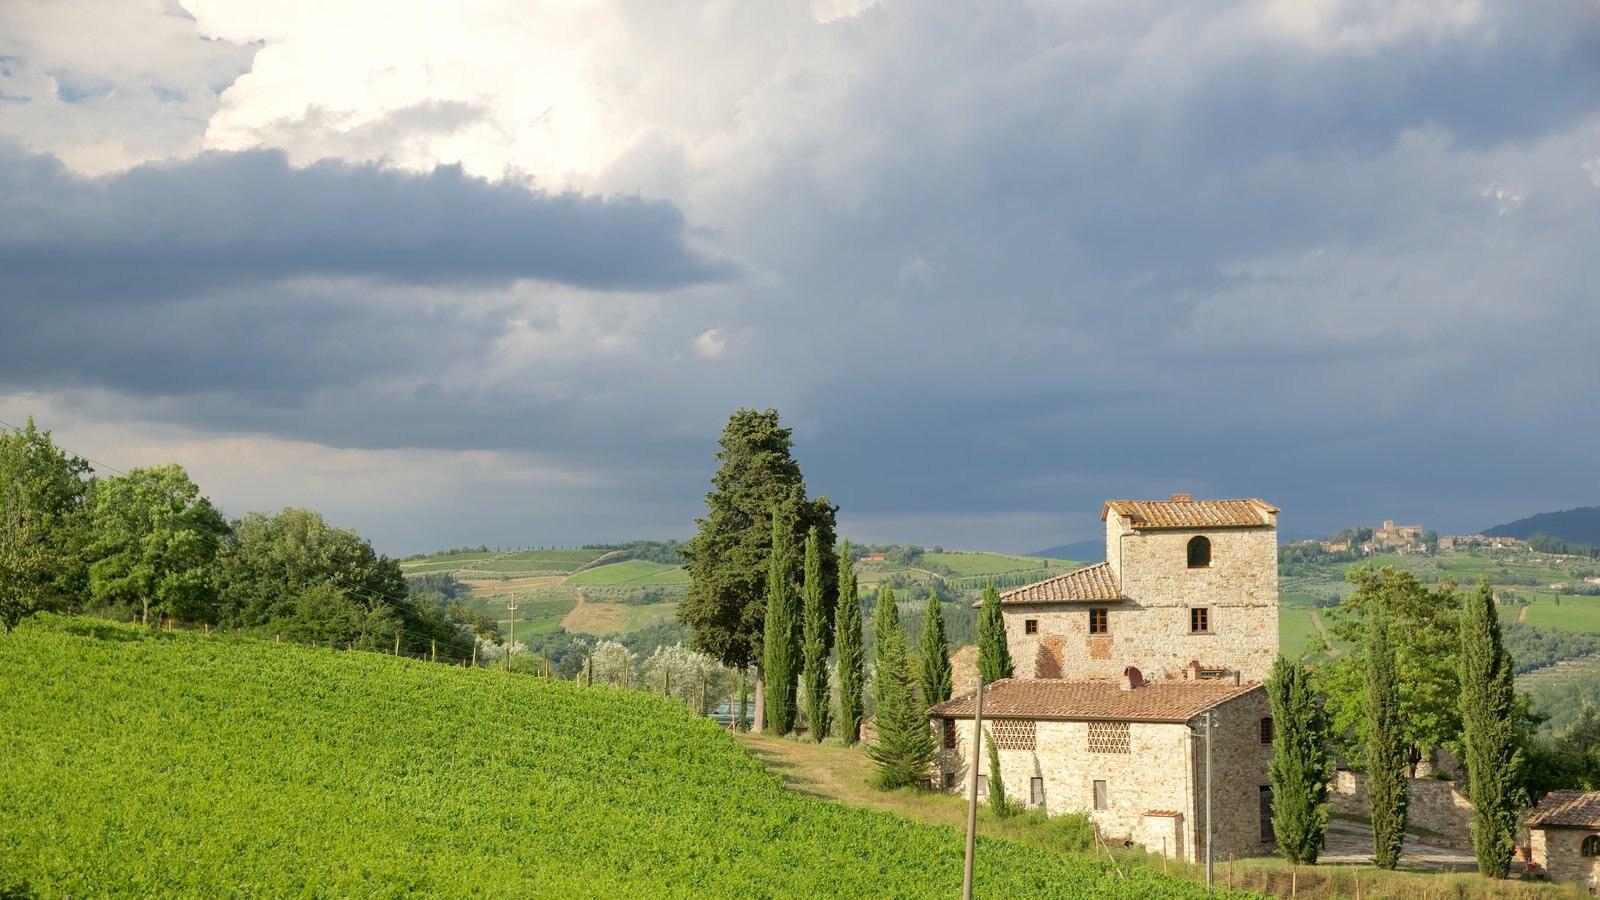 Castellina in Chianti which includes farmland